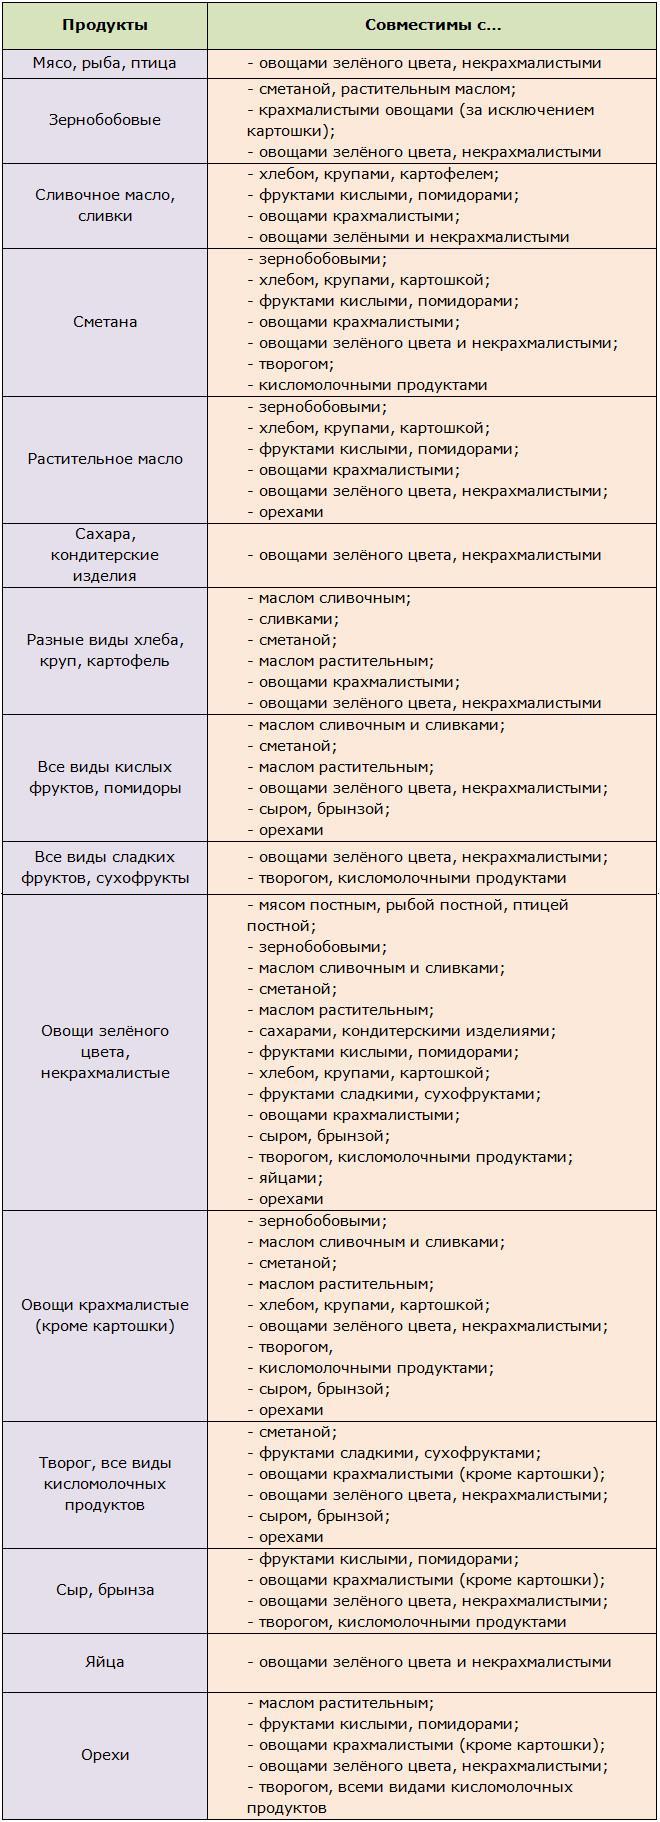 Таблица продуктов с хорошей совместимостью